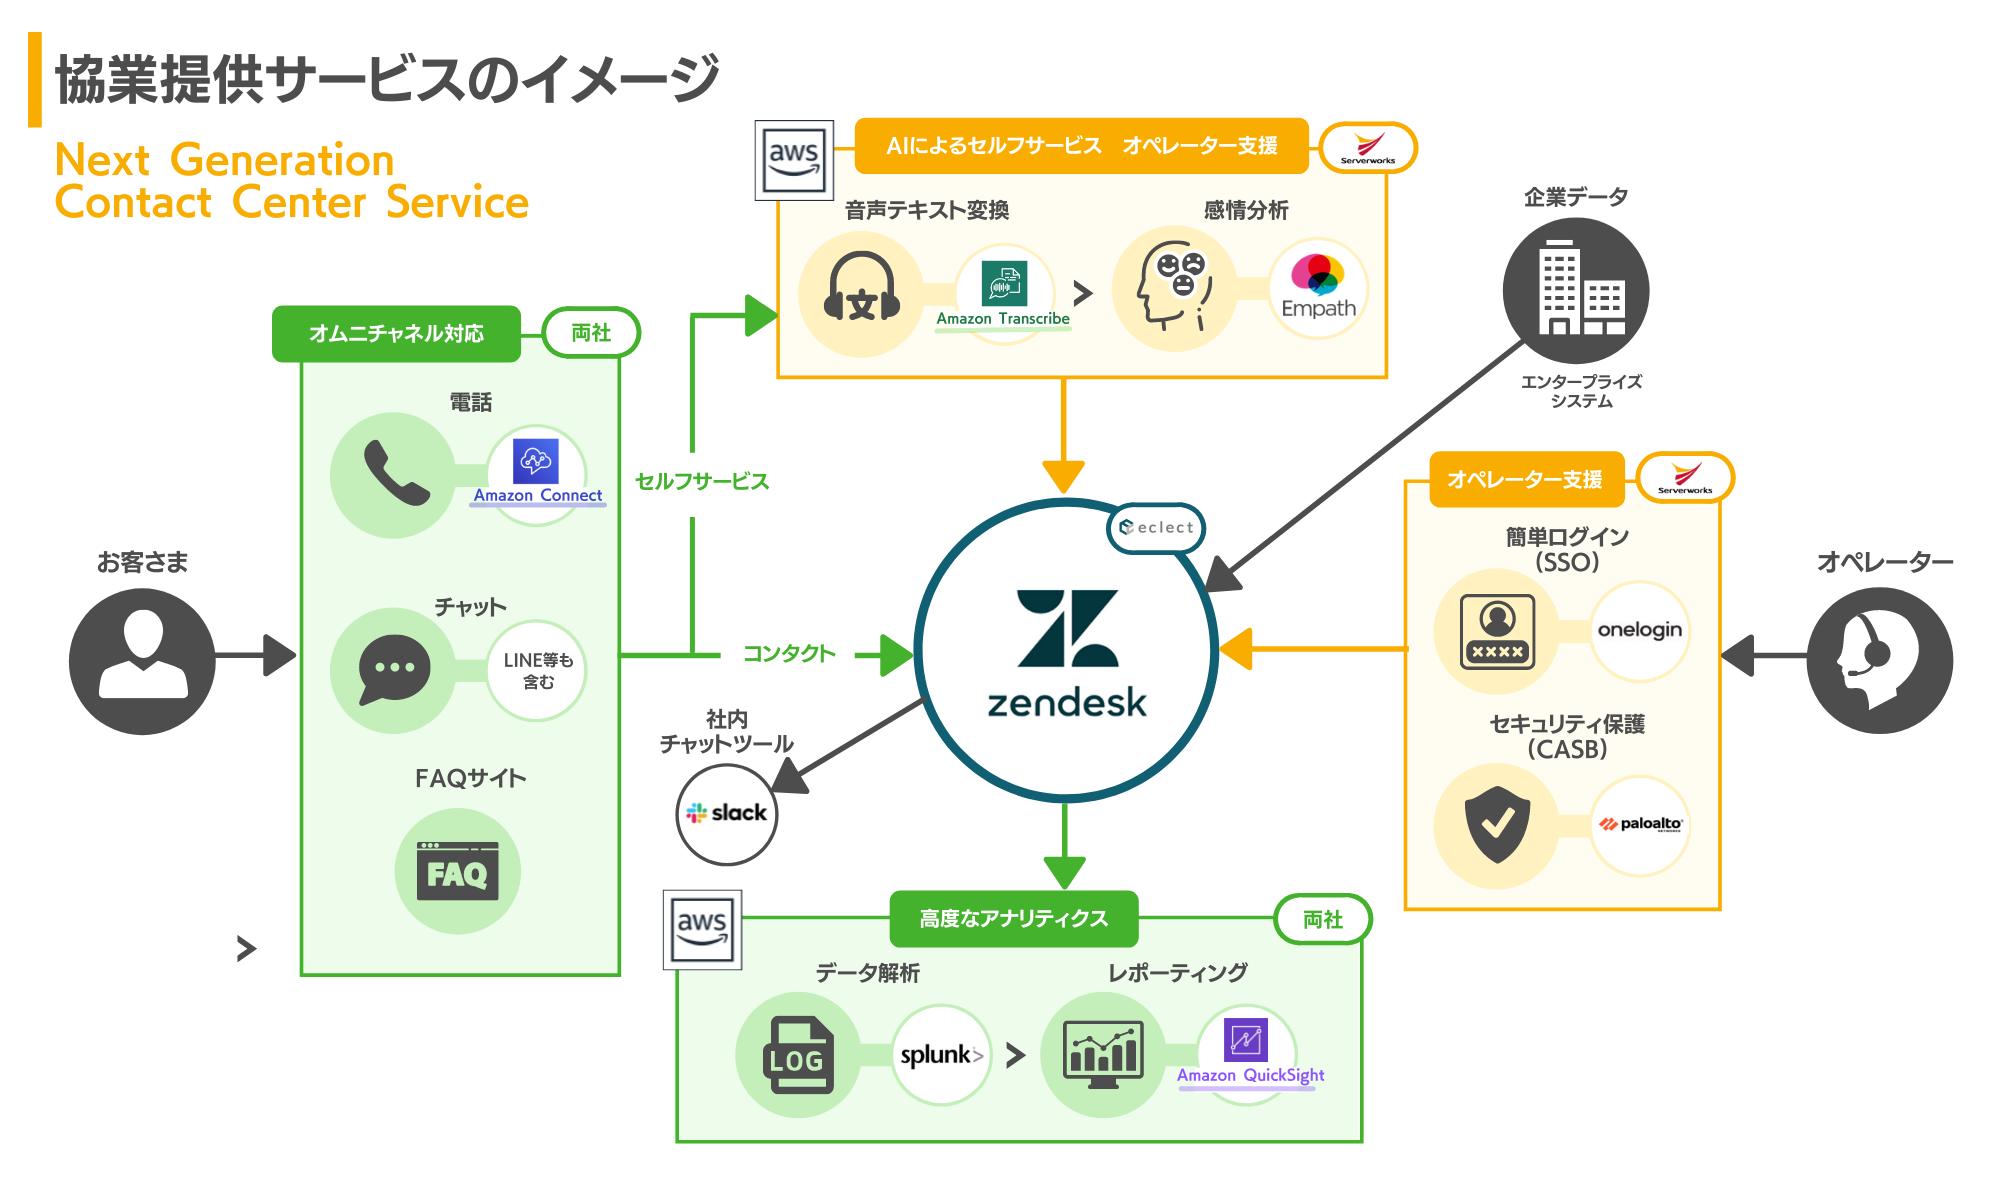 サーバーワークス、エクレクトと協業しAWSとZendeskによる次世代型コンタクトセンターサービスを2021年度内に拡充予定。複数チャネルによる顧客接点の運用効率化からコスト削減まで一括提案